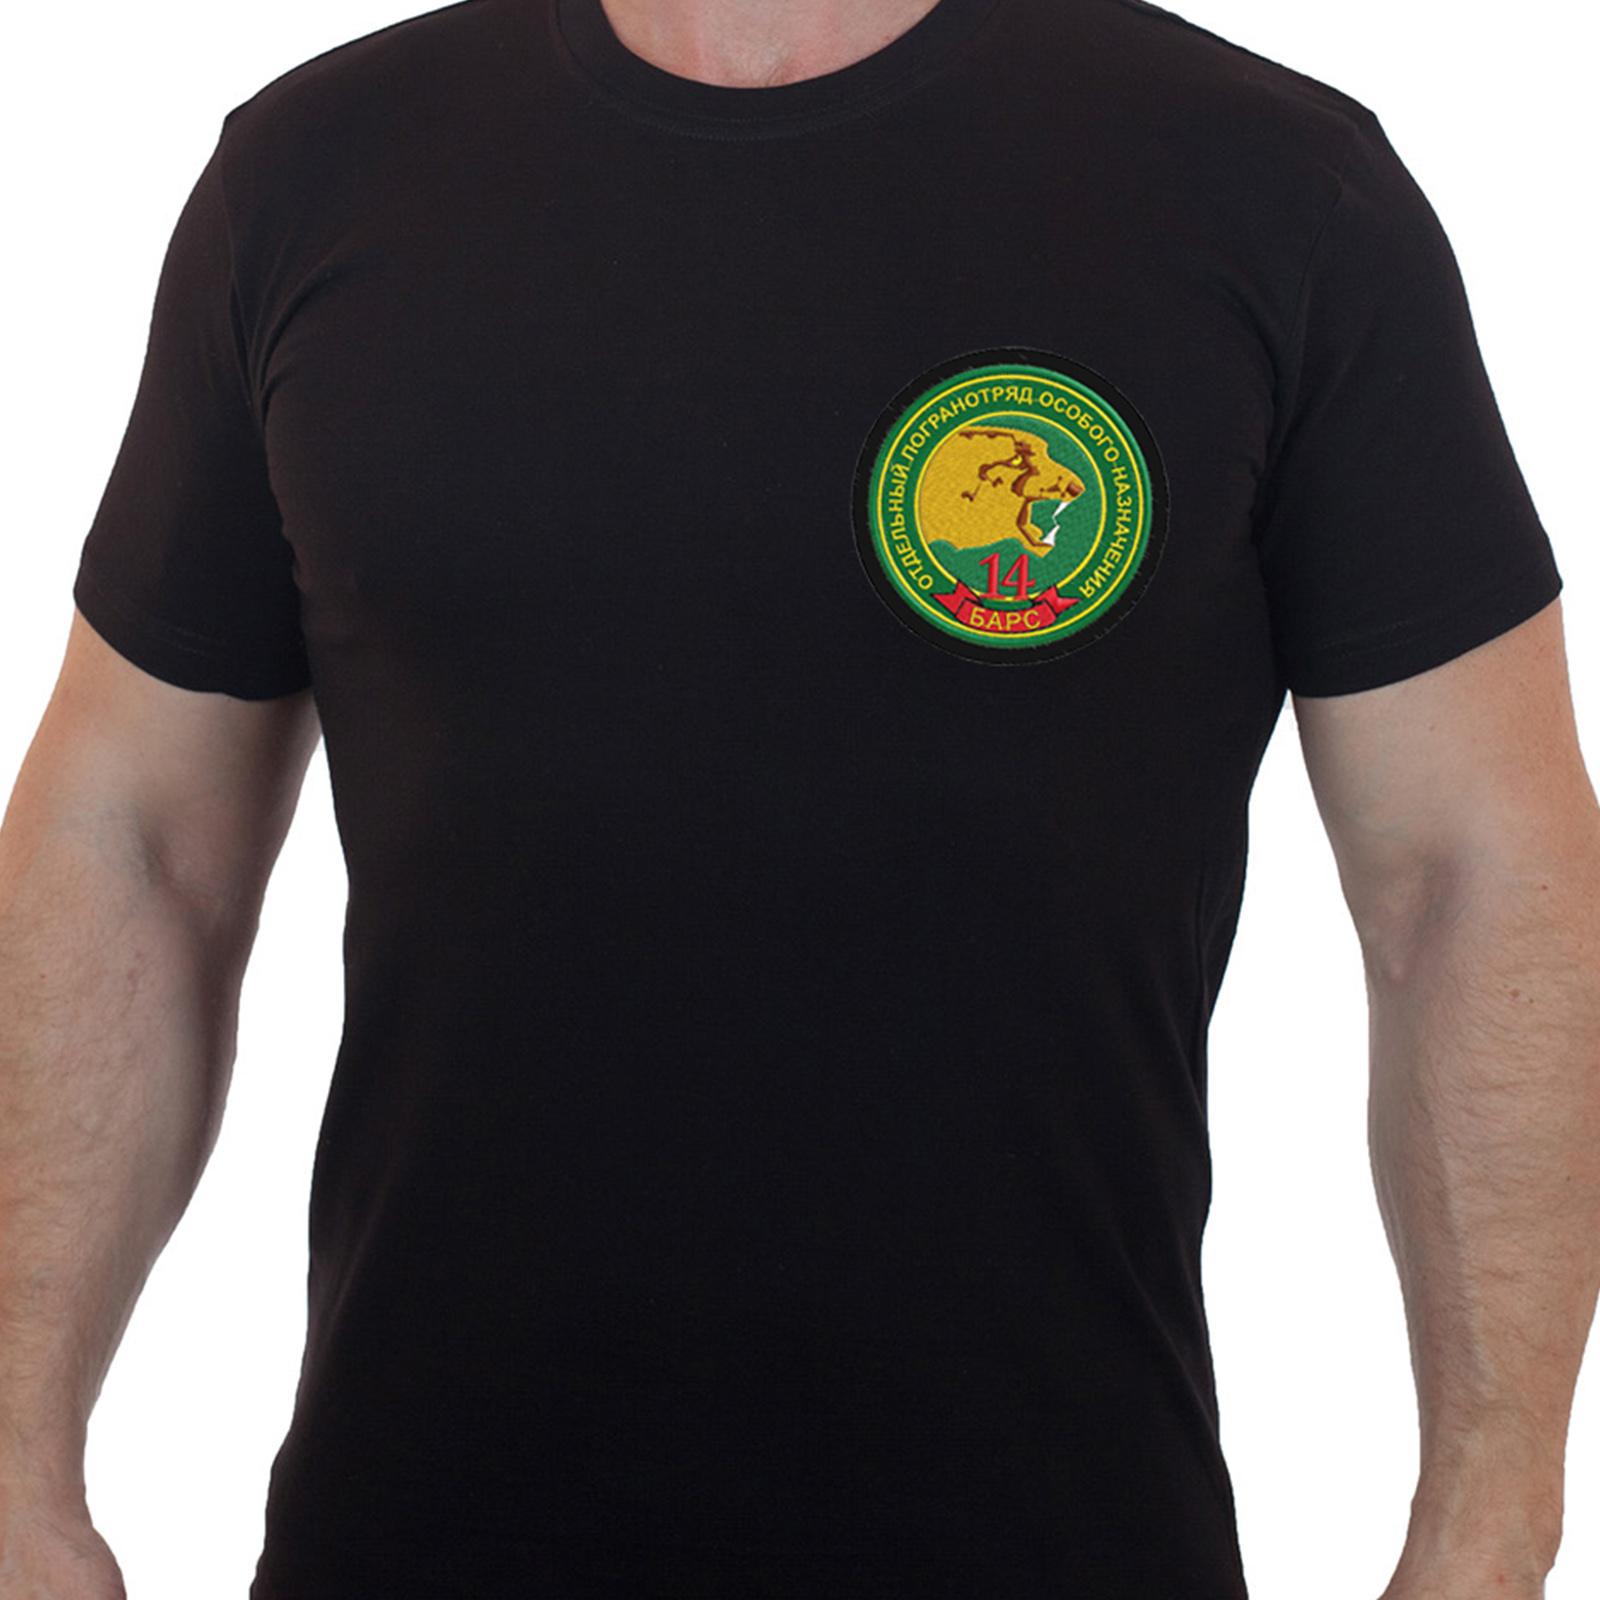 Хлопковая мужская футболка с вышивкой ПогООН БАРС 14 - купить онлайн